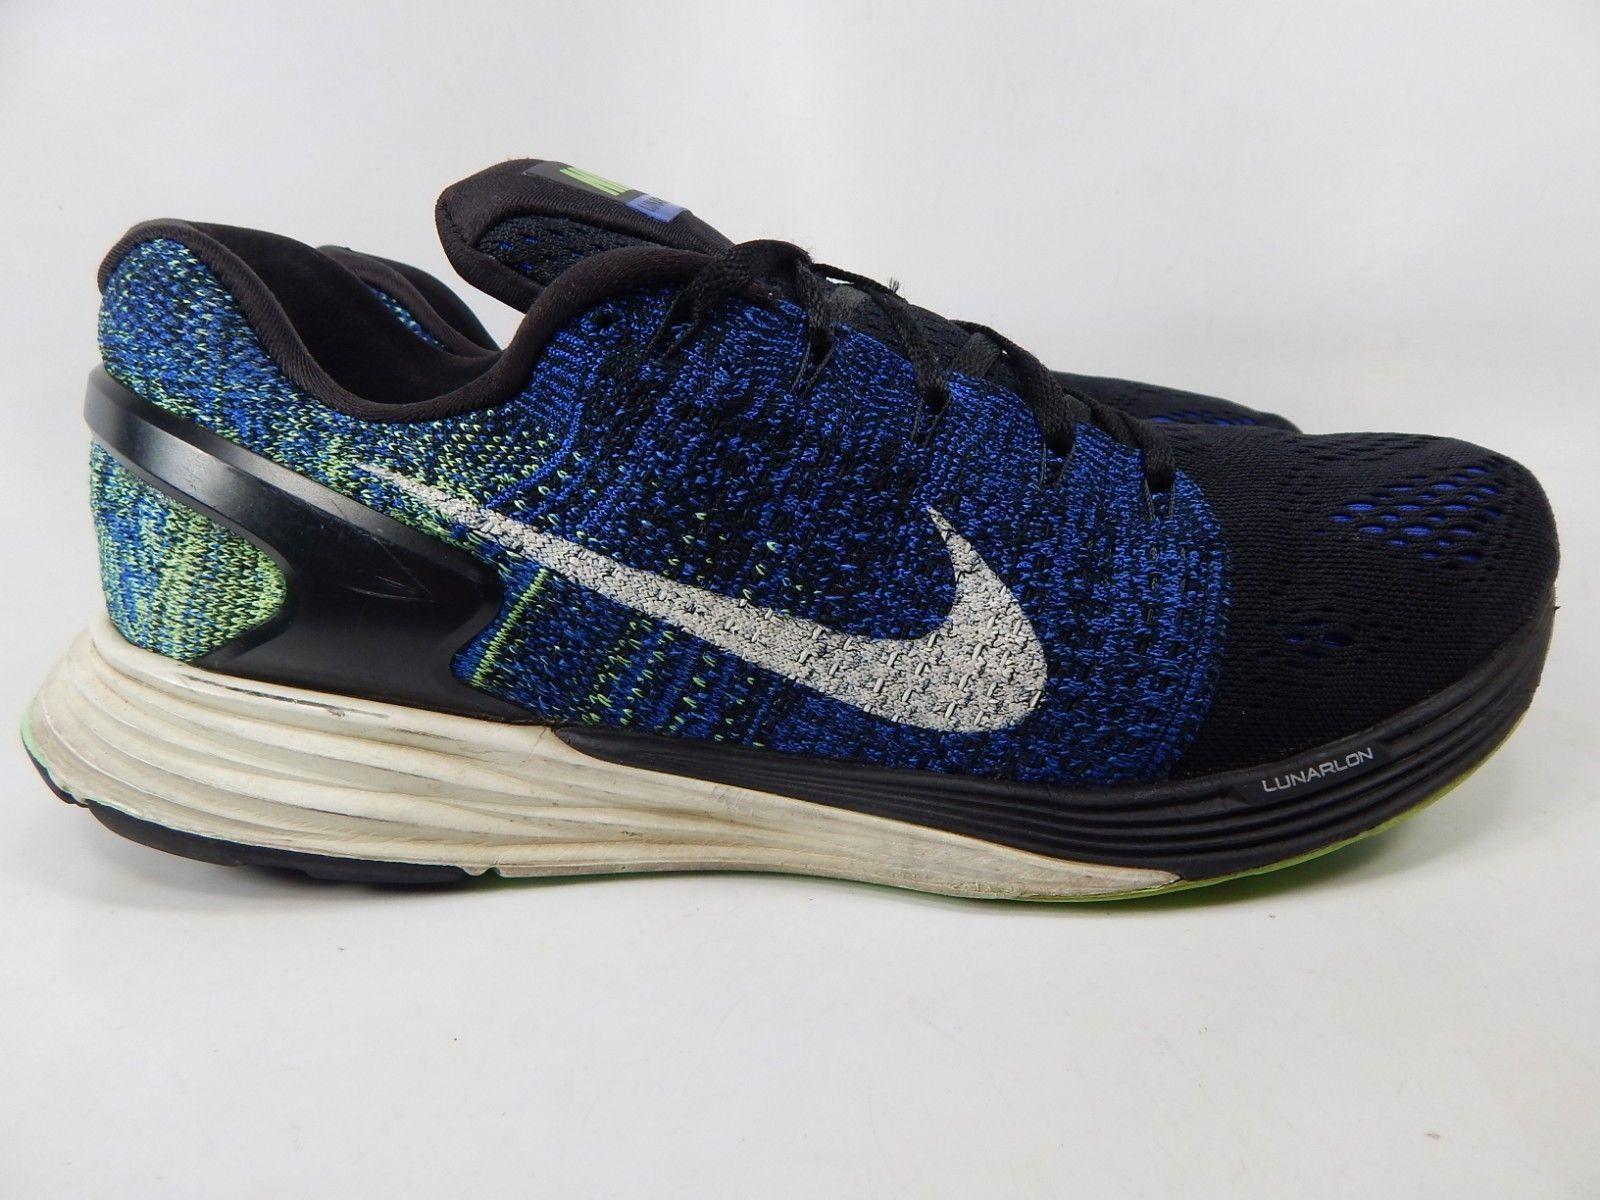 separation shoes 34c62 e0226 Nike Lunarglide 7 Size 13 M (D) EU 47.5 Mens and 50 similar items